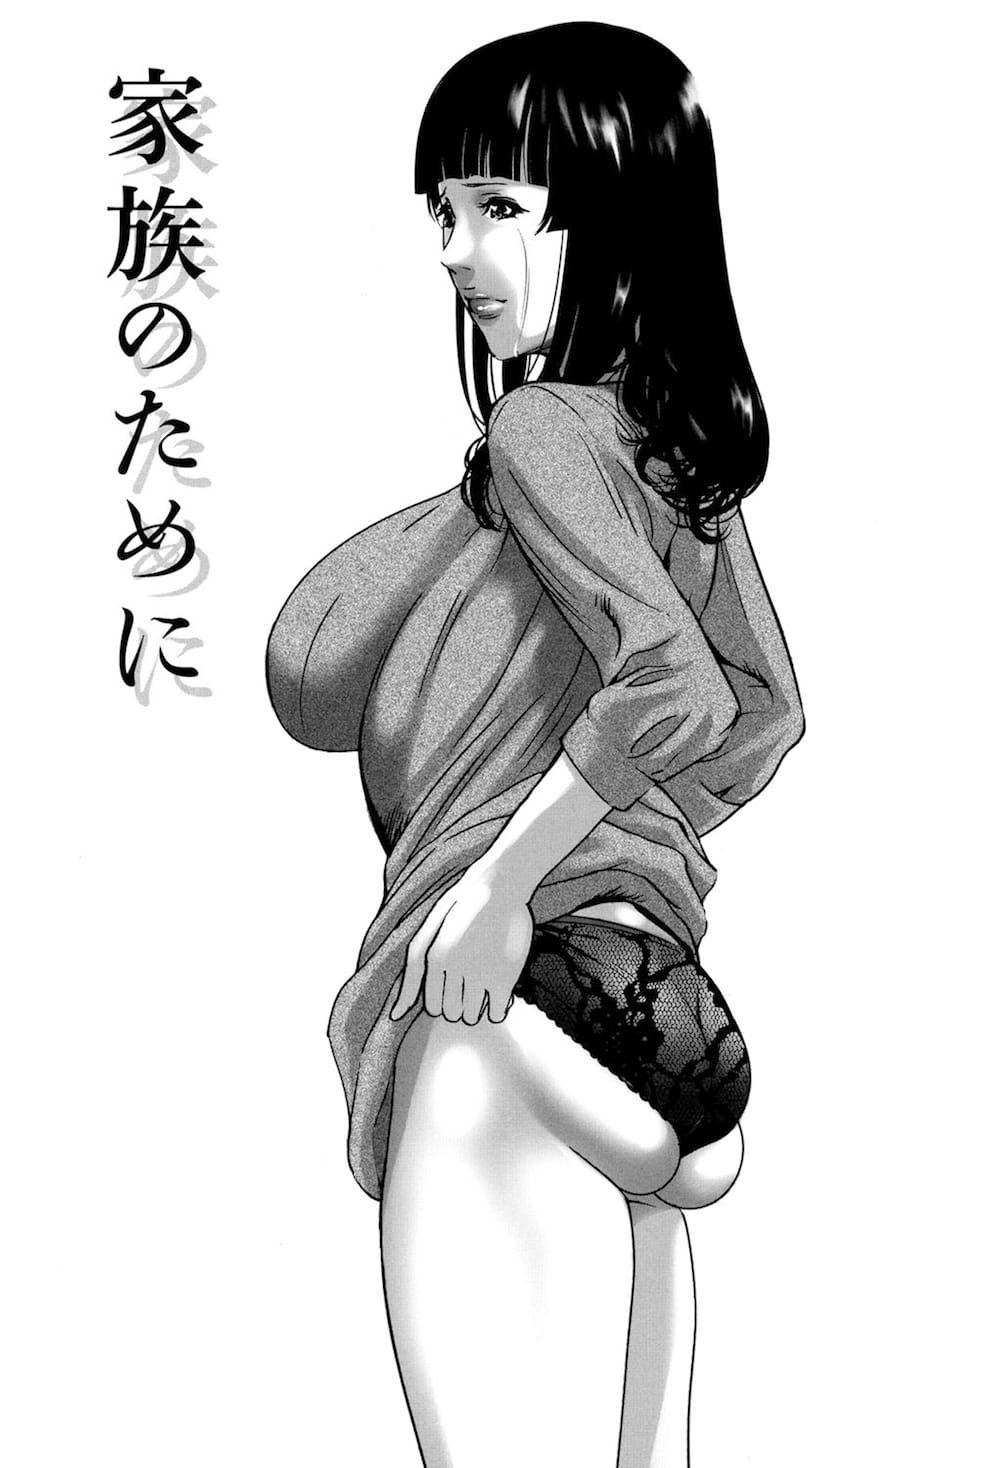 【エロ漫画・同人誌】旦那が連れてきた職場の部長さんにNTR中出しレイプされた人妻。旦那だけでなく娘にも見られてしまい…